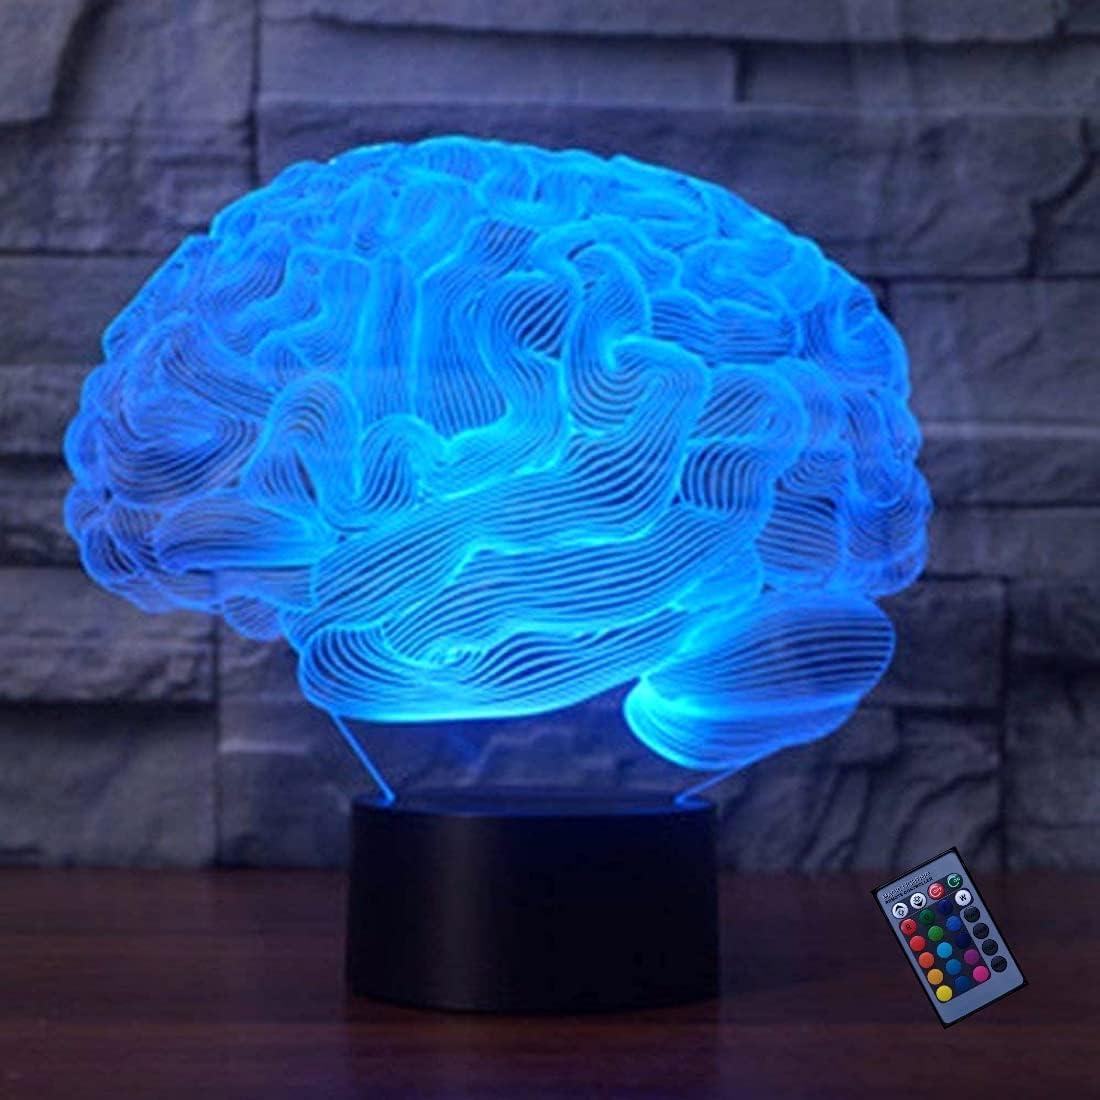 Ilusión Optica 3D Cerebro Luz de Noche 16 Colores que Cambian Control Remoto USB Poder Touch Switch Decor Lámpara LED Mesa Lámpara Niños Juguetes Cumpleaños Navidad Regalo